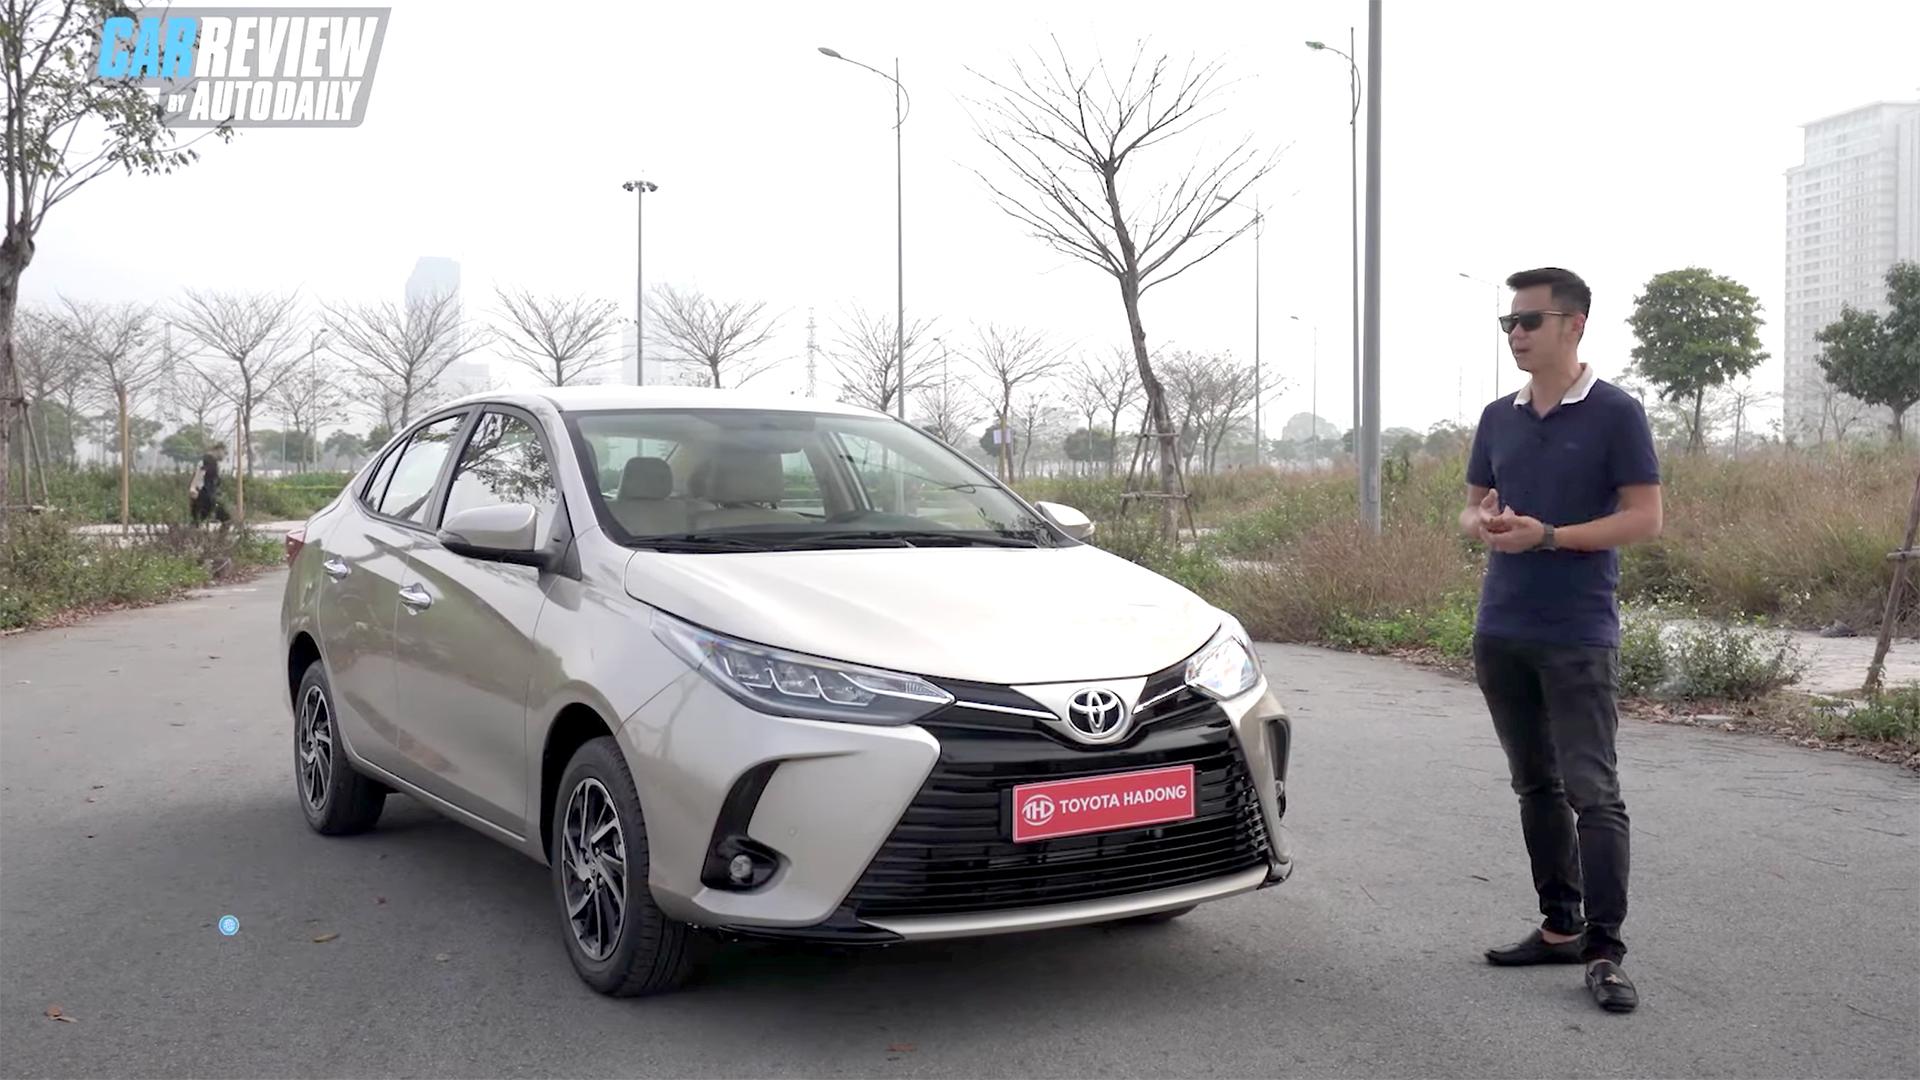 """Bóc tem """"hàng nóng"""" Toyota Vios 2021 - Sức ép lên Honda City, Hyundai Accent ?"""